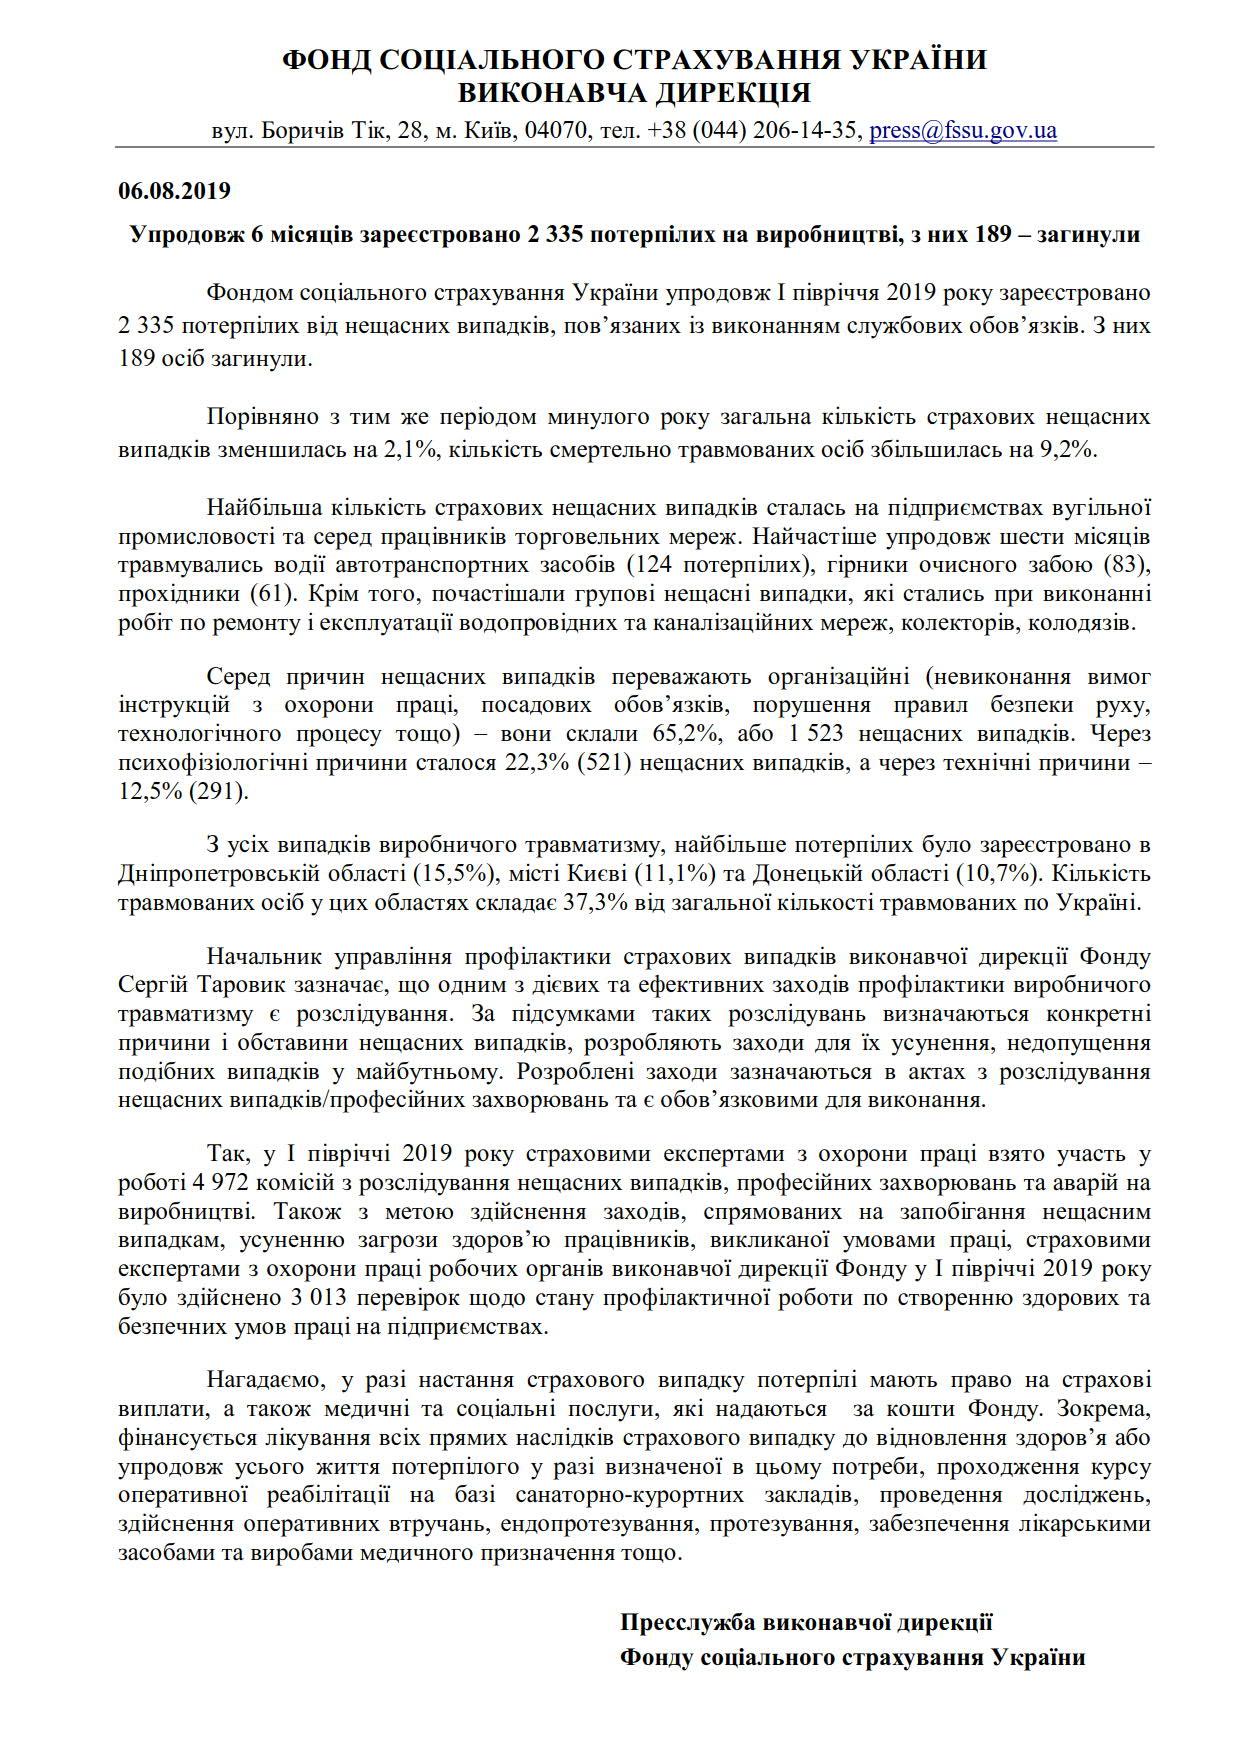 ФССУ_Нещасні випадки статистика_06.08.19_1